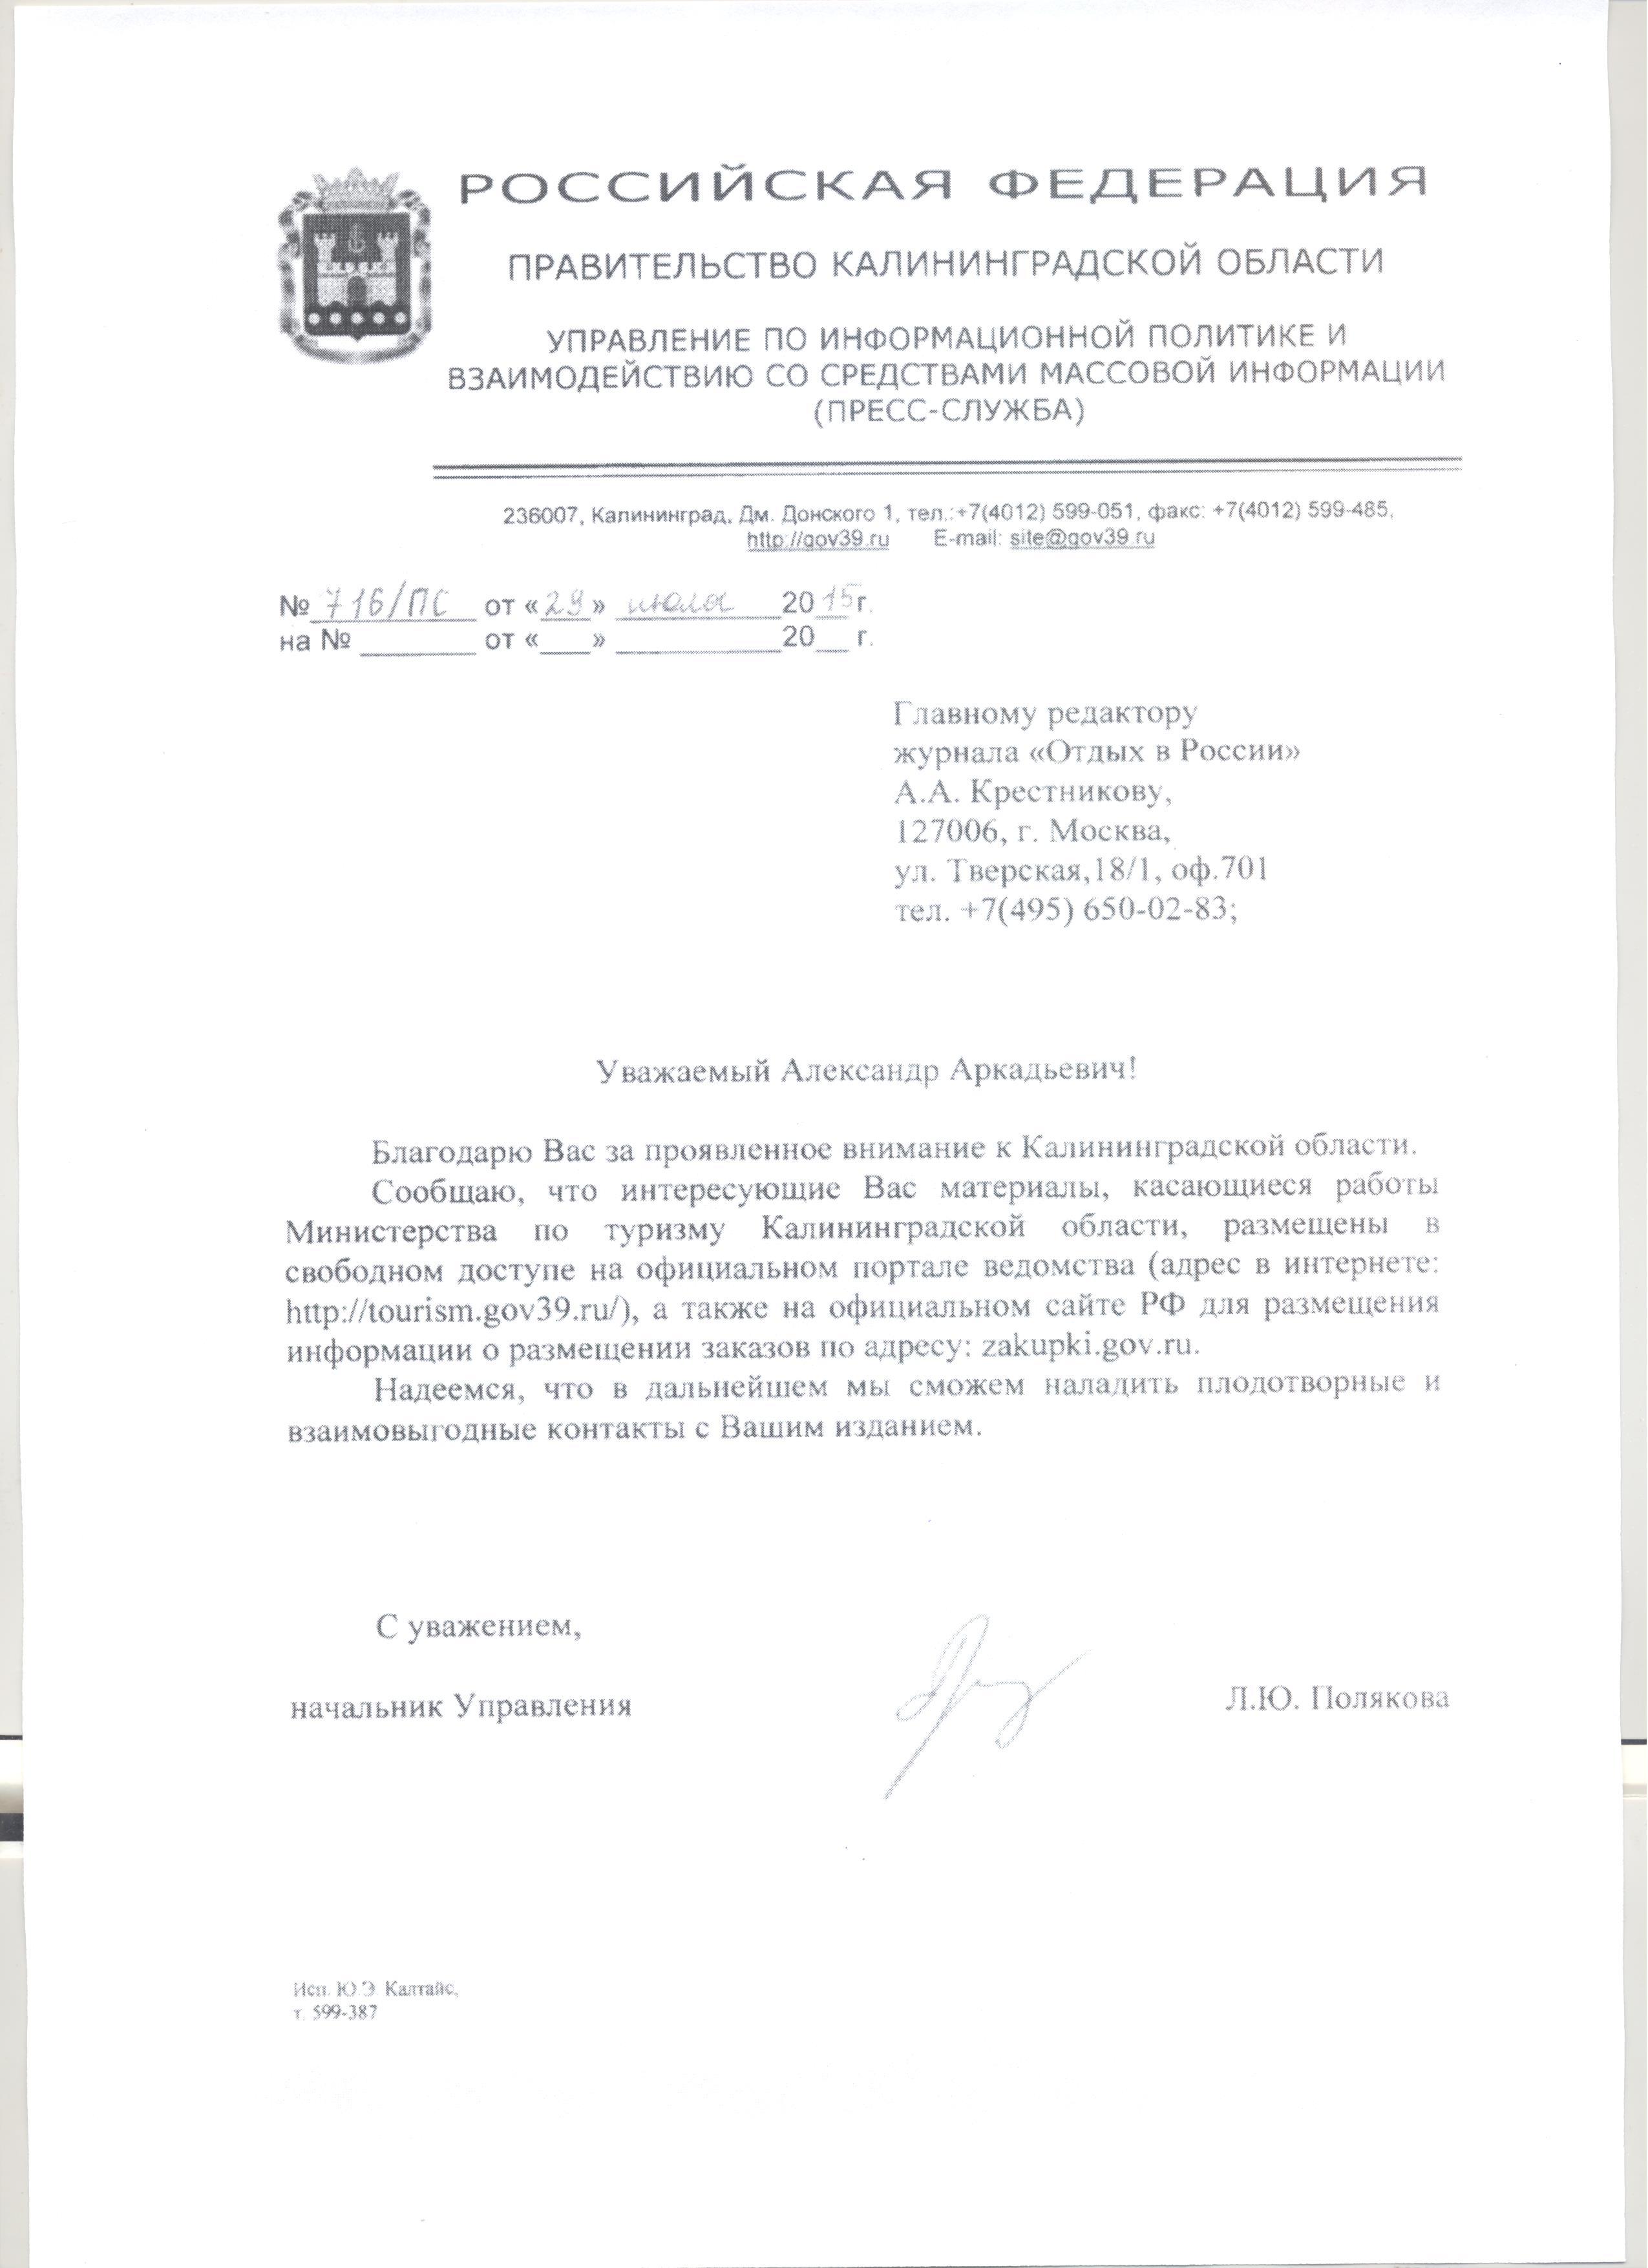 Ответ Калининградской обл